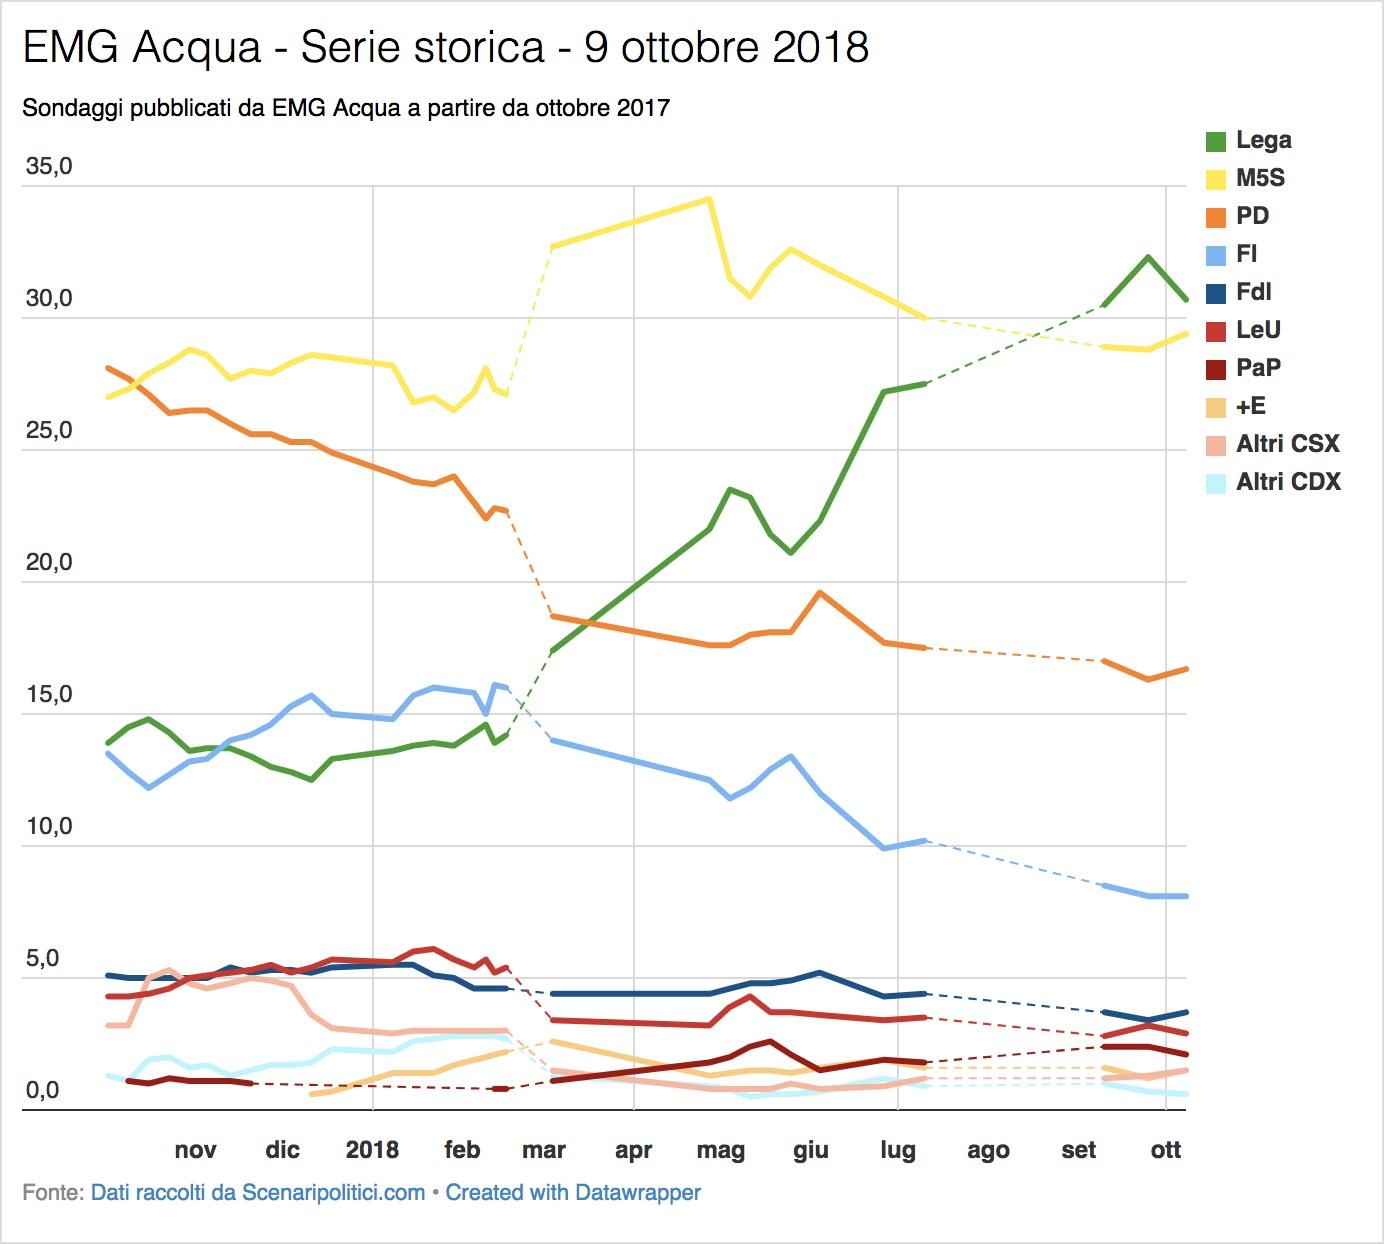 Sondaggio EMG Acqua (9 ottobre 2018)